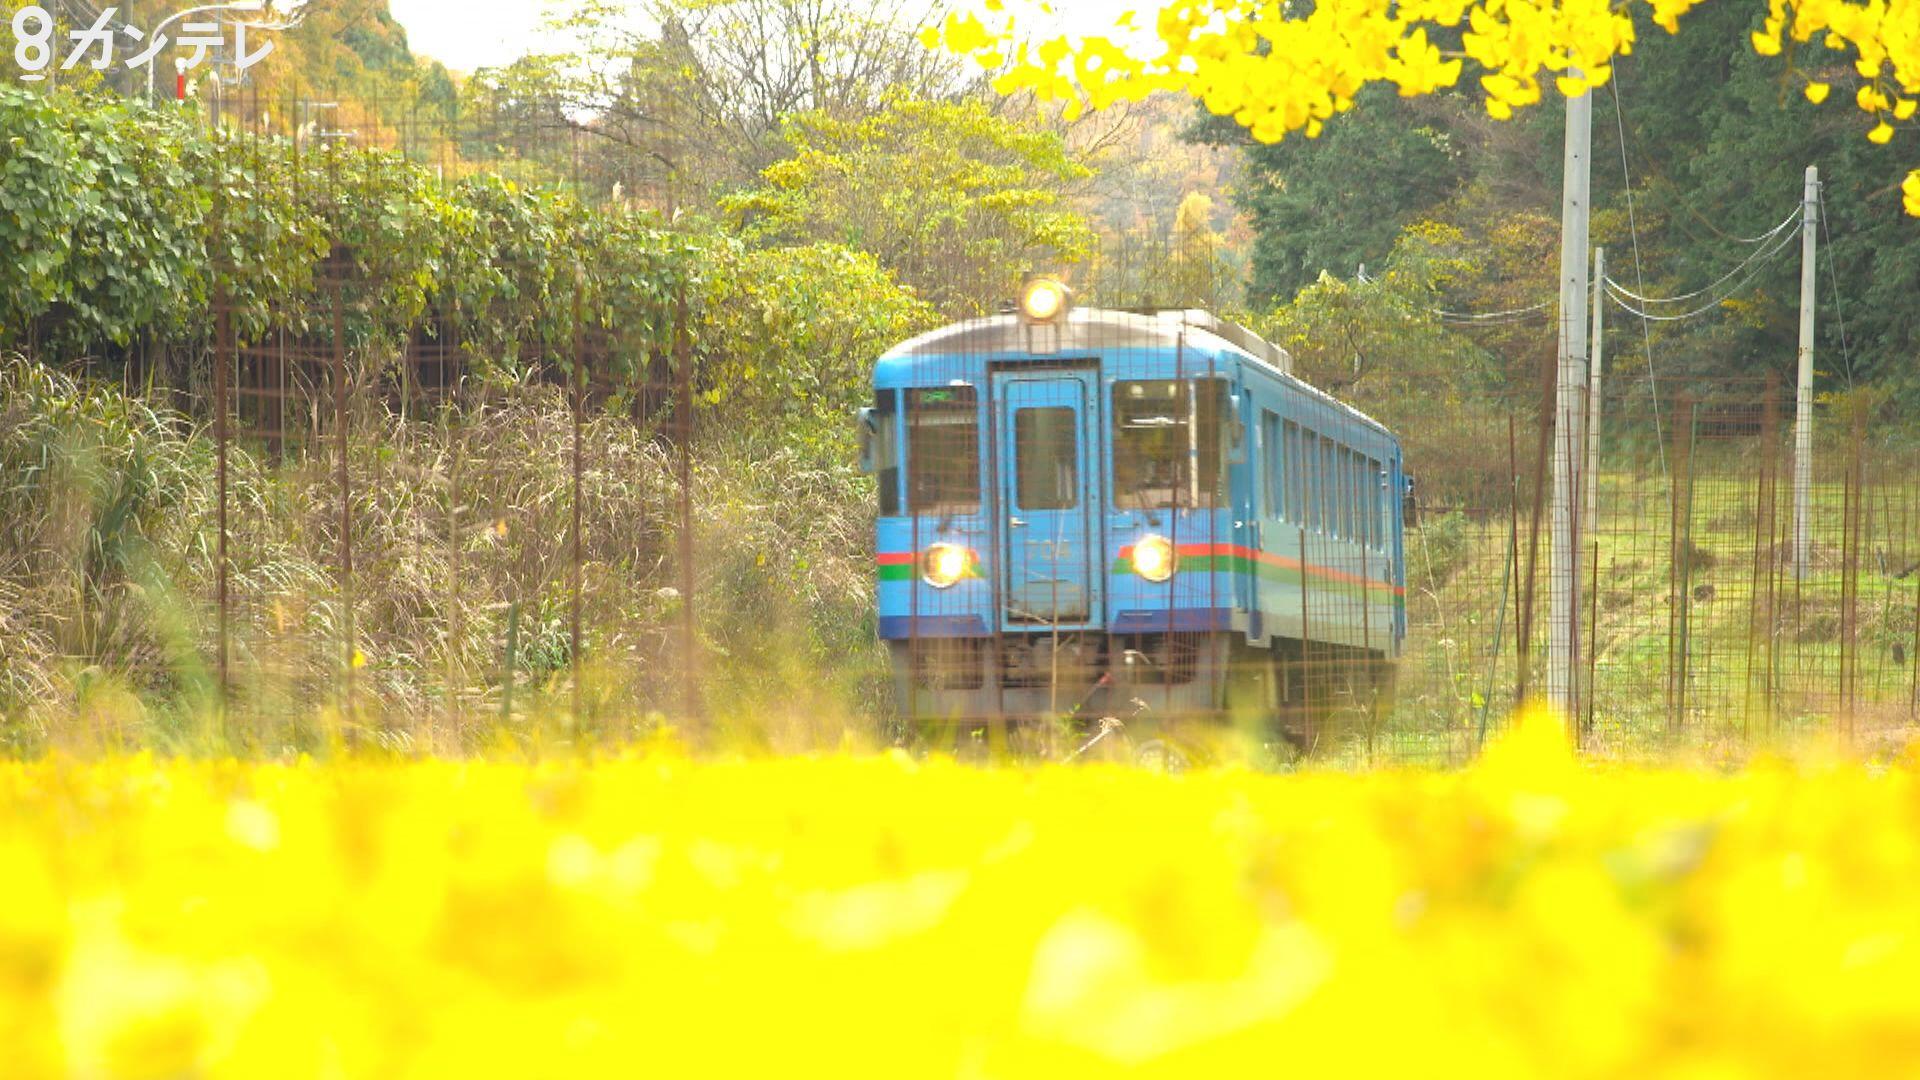 【映像】『京都丹後鉄道の秋』 美しい紅葉の中を走る鉄道、それを支える若い世代の奮闘